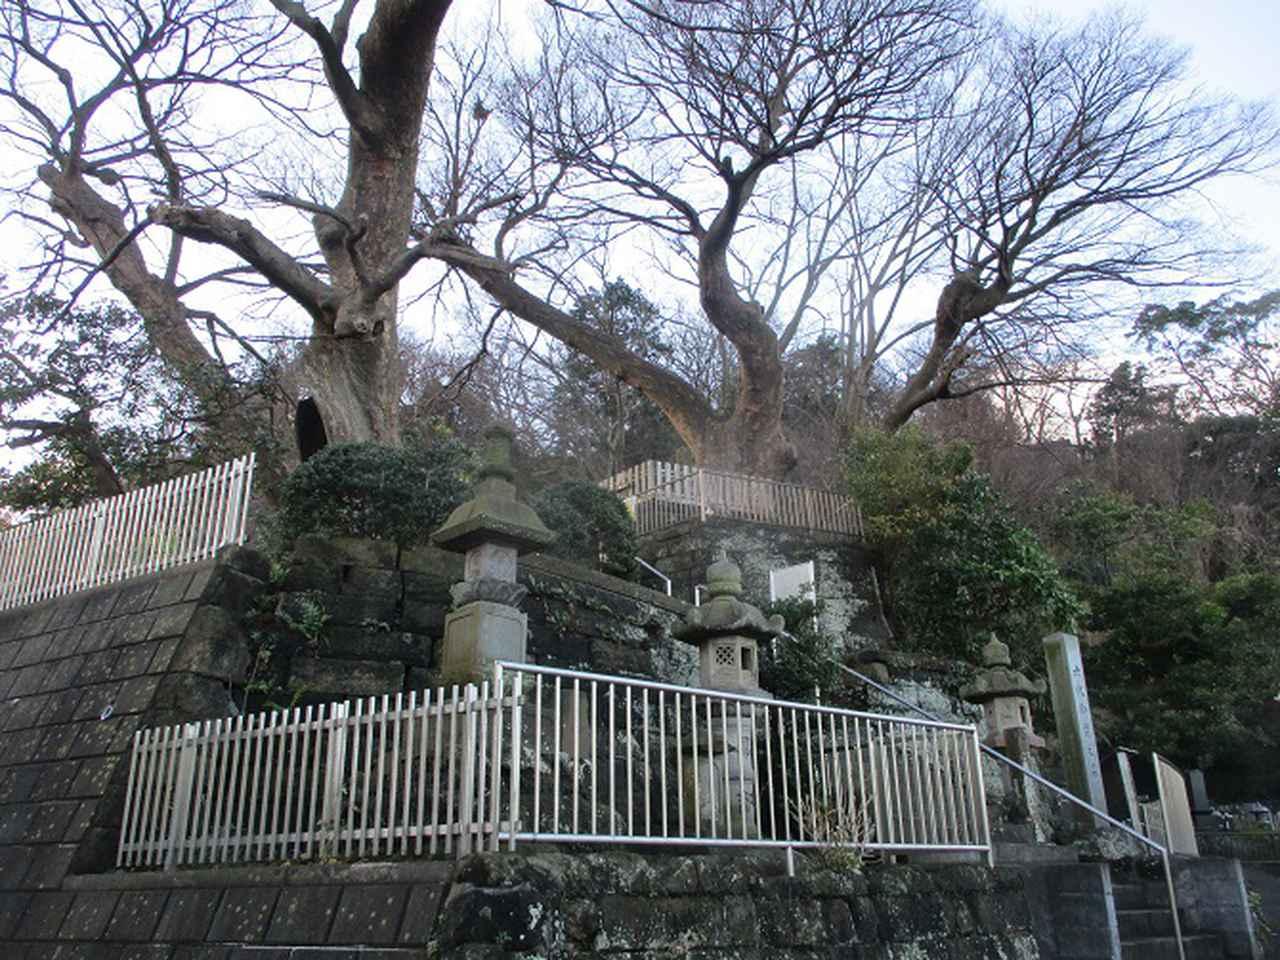 画像1: 1月の山旅会現地集合ツアー 「阿部倉山から二子山」 ツアーの下見に行ってきました!